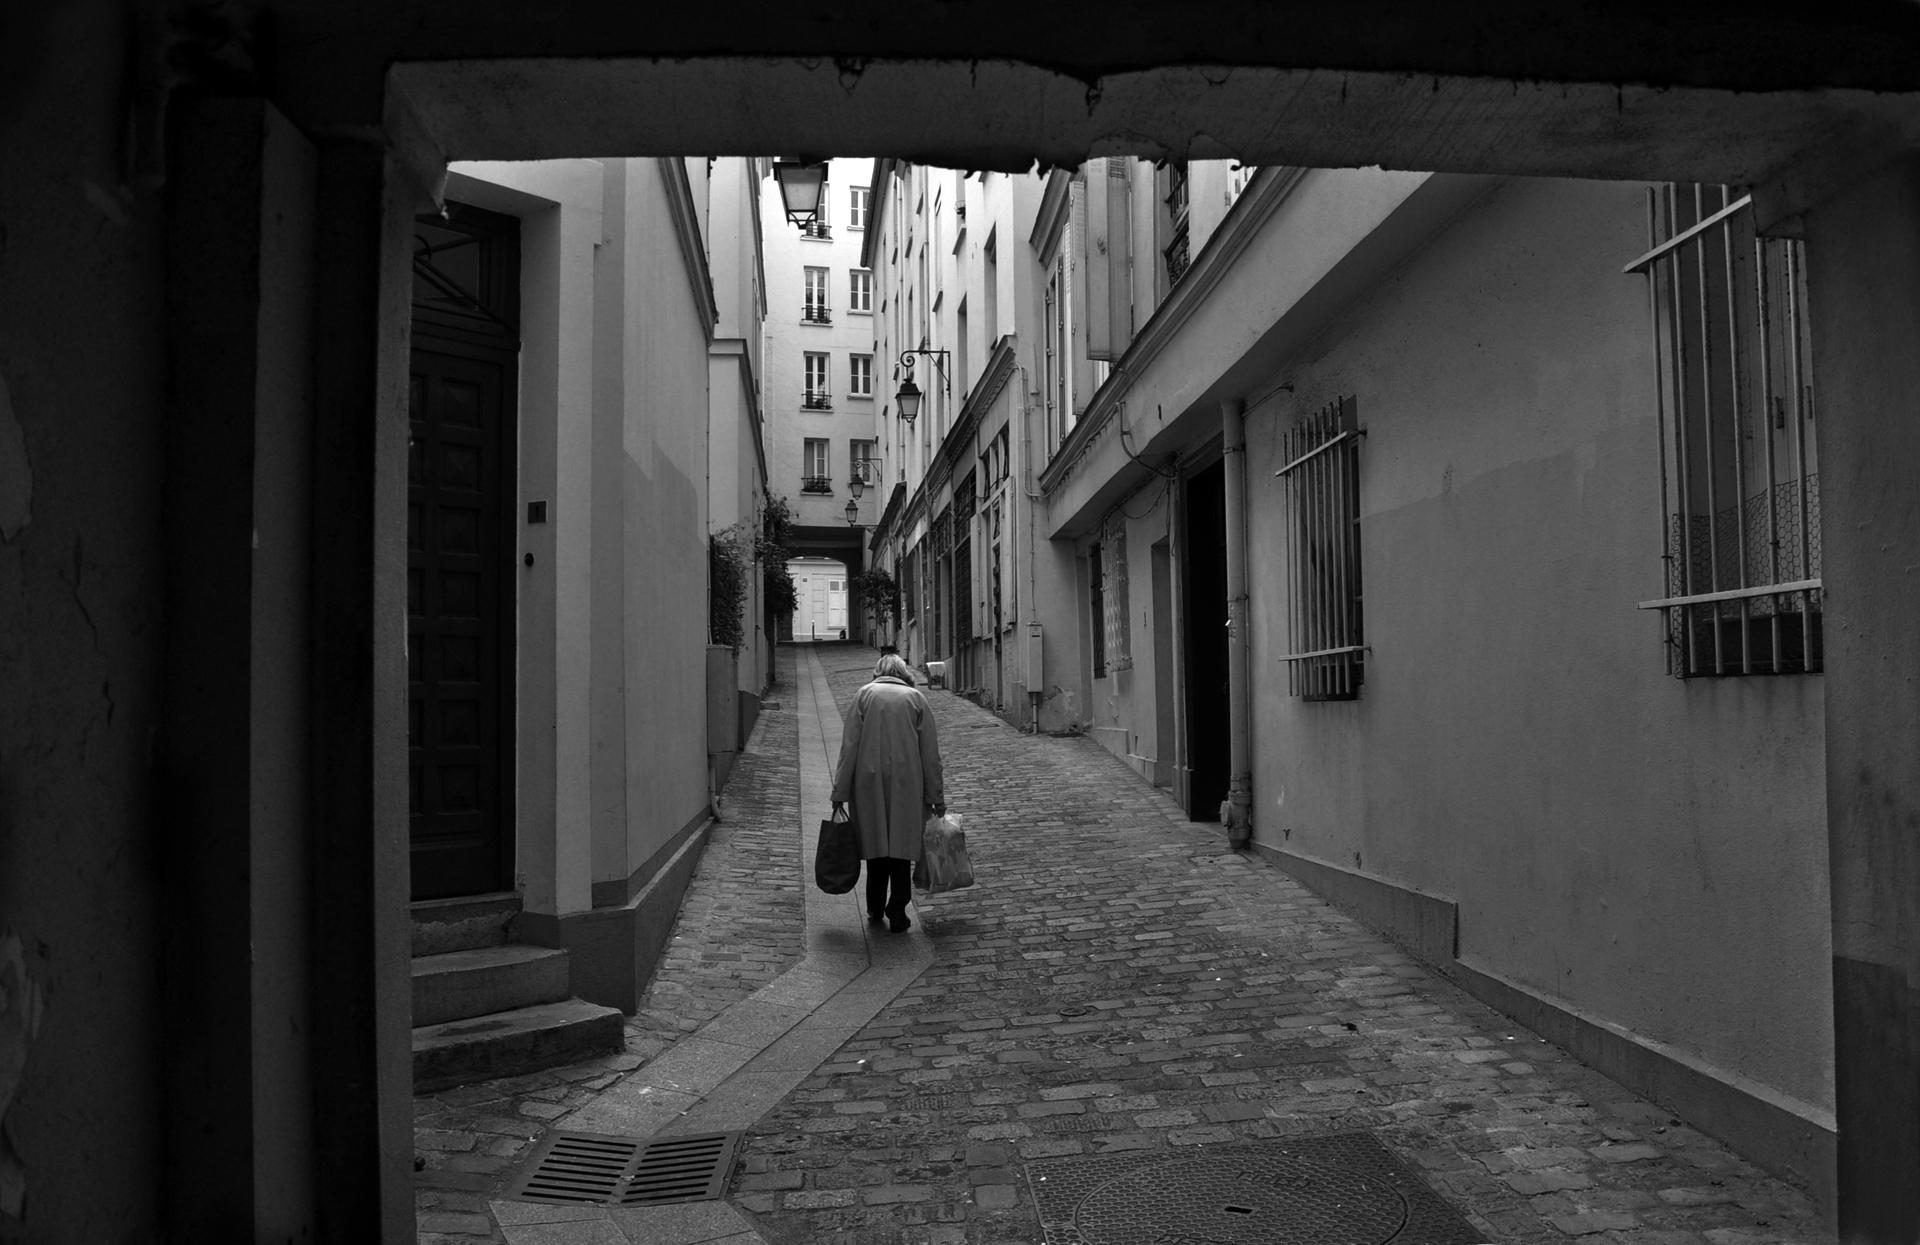 פריז - מסע בזמן - גברת עם סלים - יואל שתרוג - אדמה יוצרת